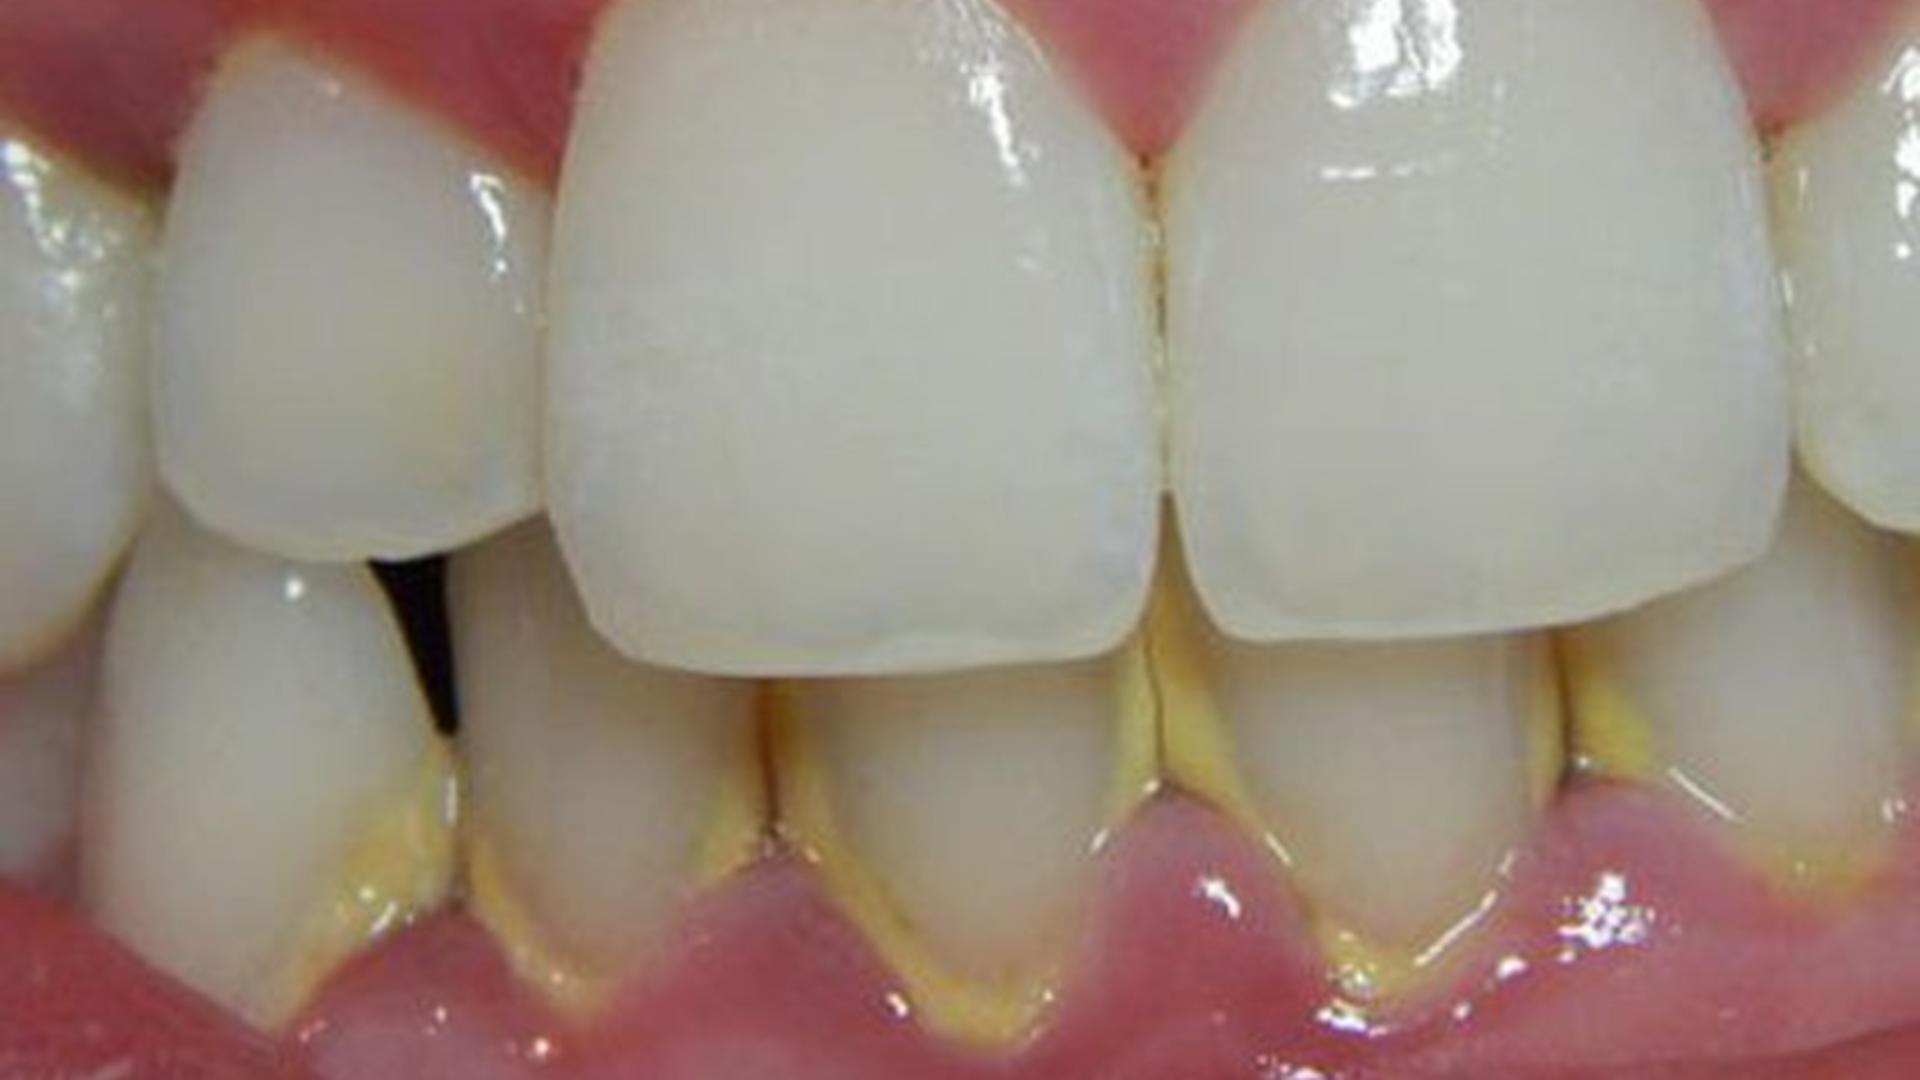 Cu o soluție simplă, pe care o poți prepara în casă, scapi de tartrul de pe dinți